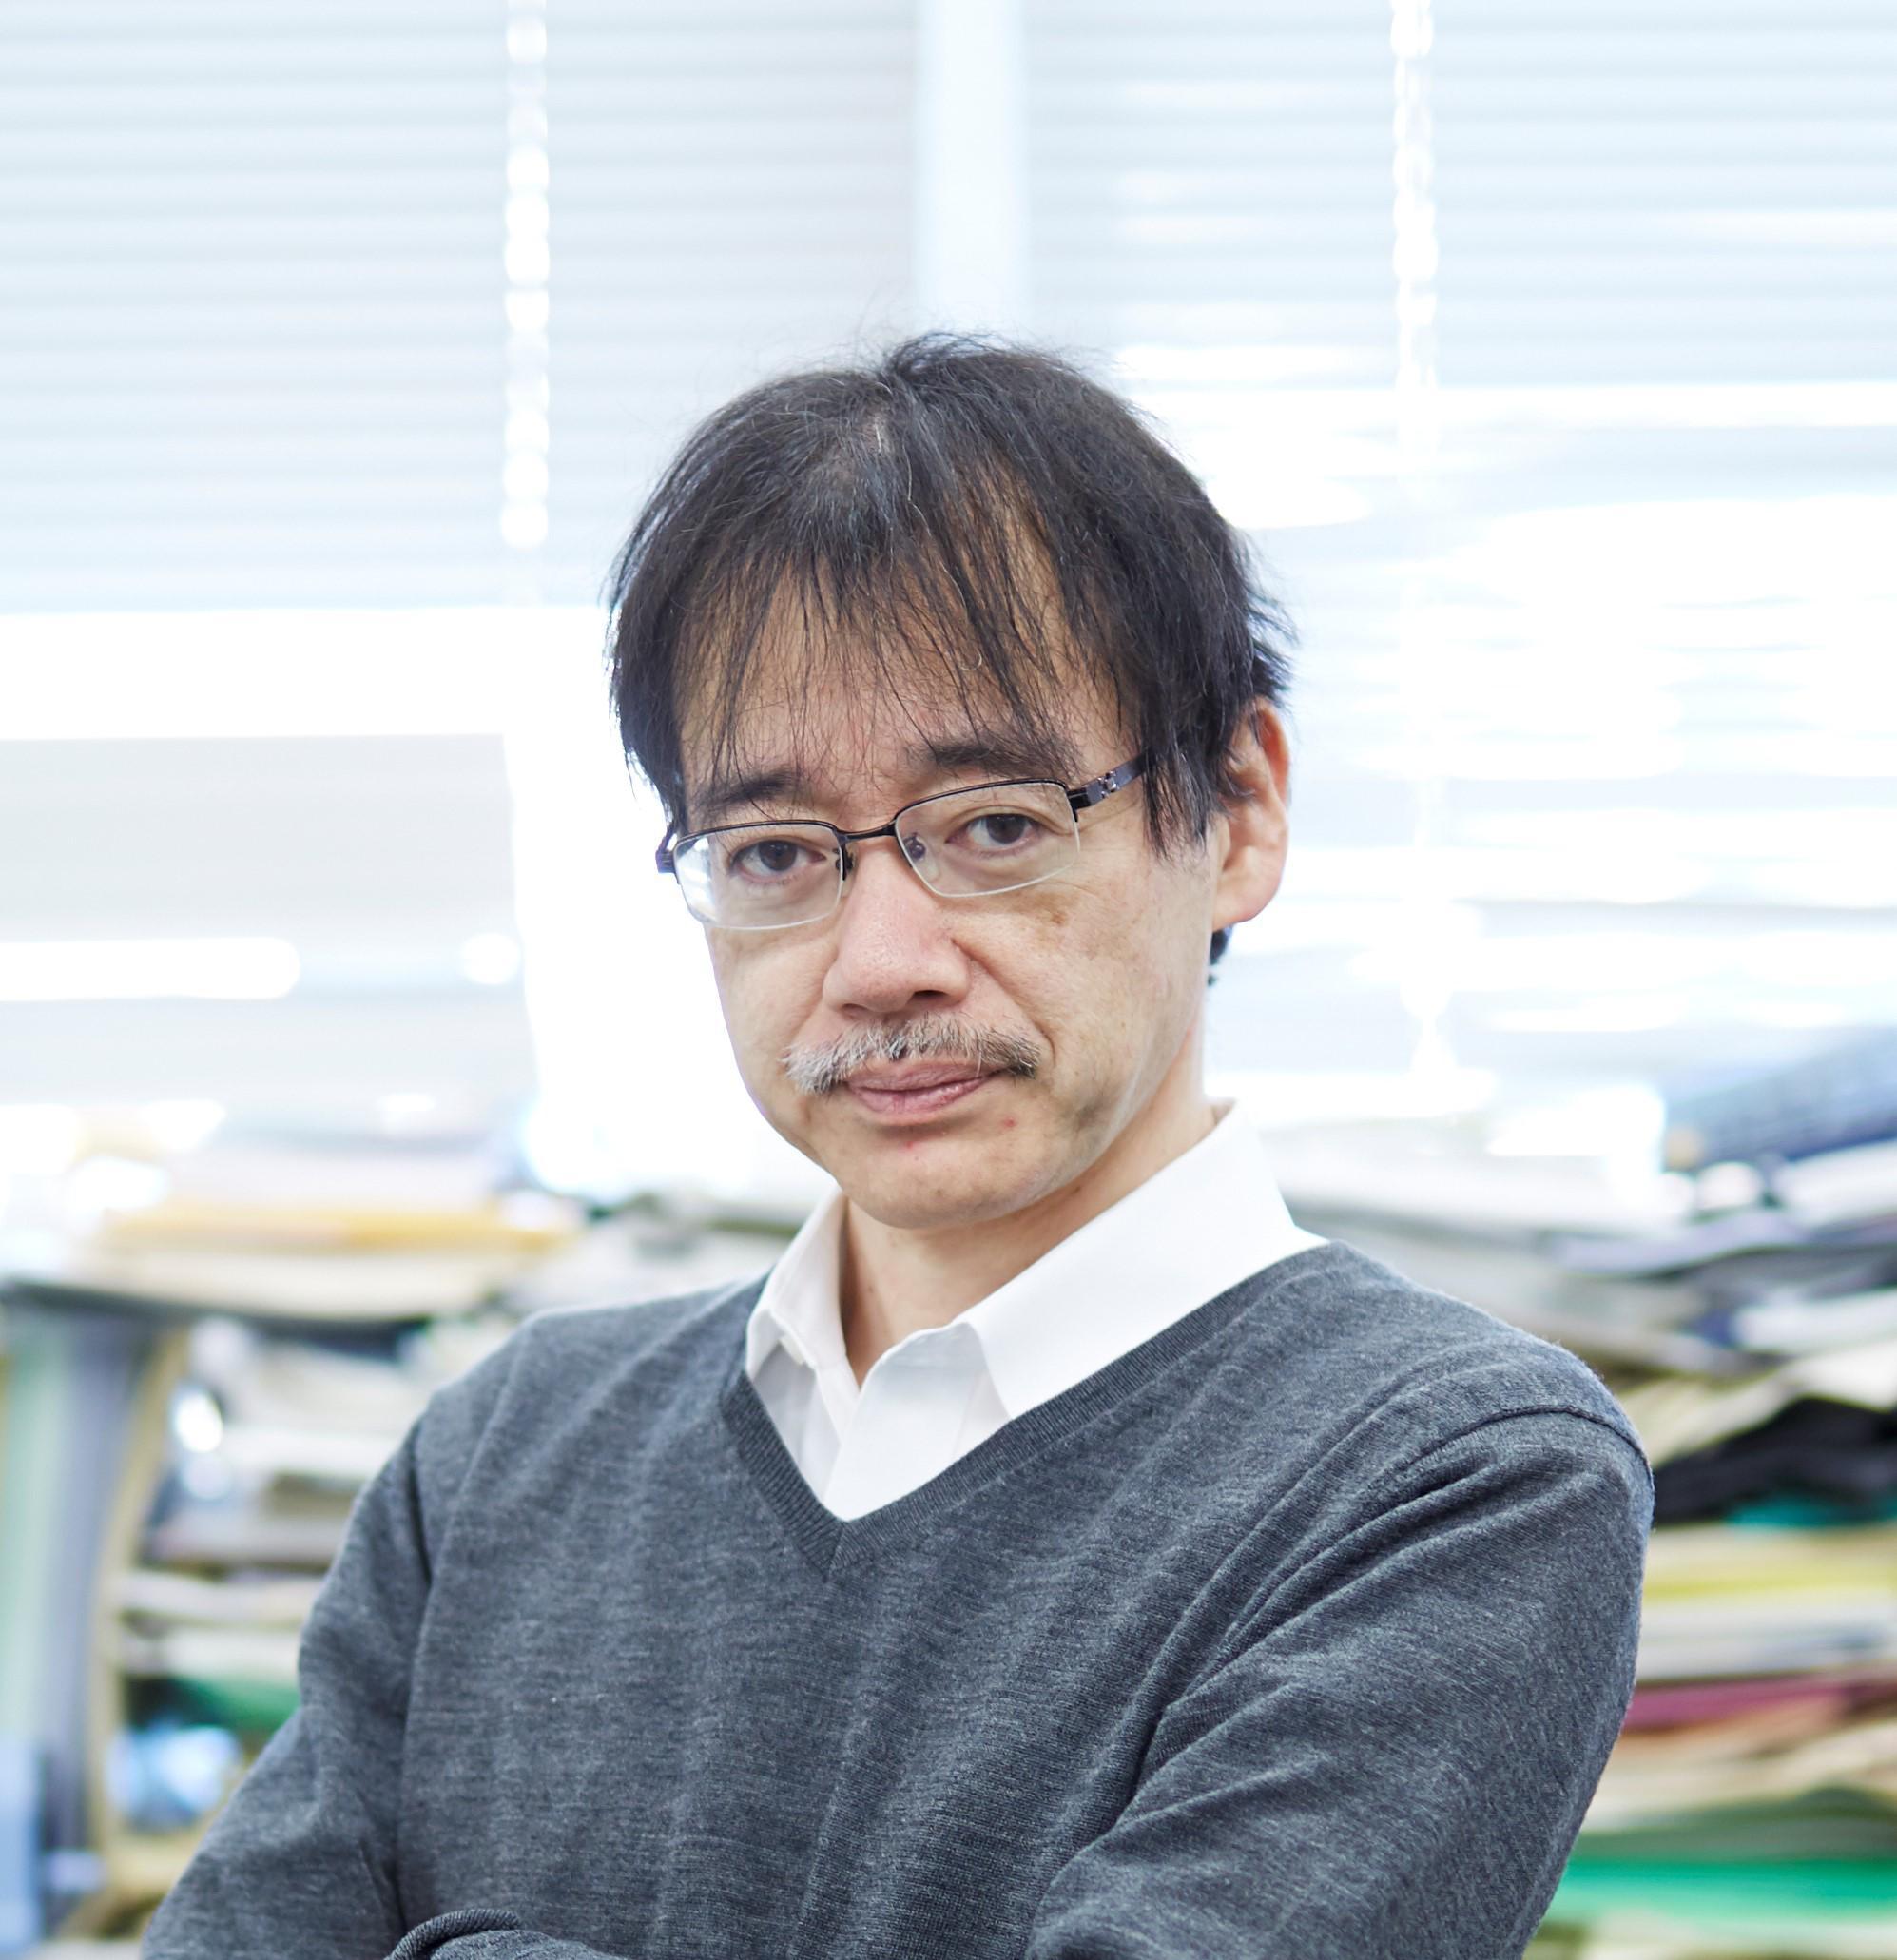 宮脇 敦史 博士